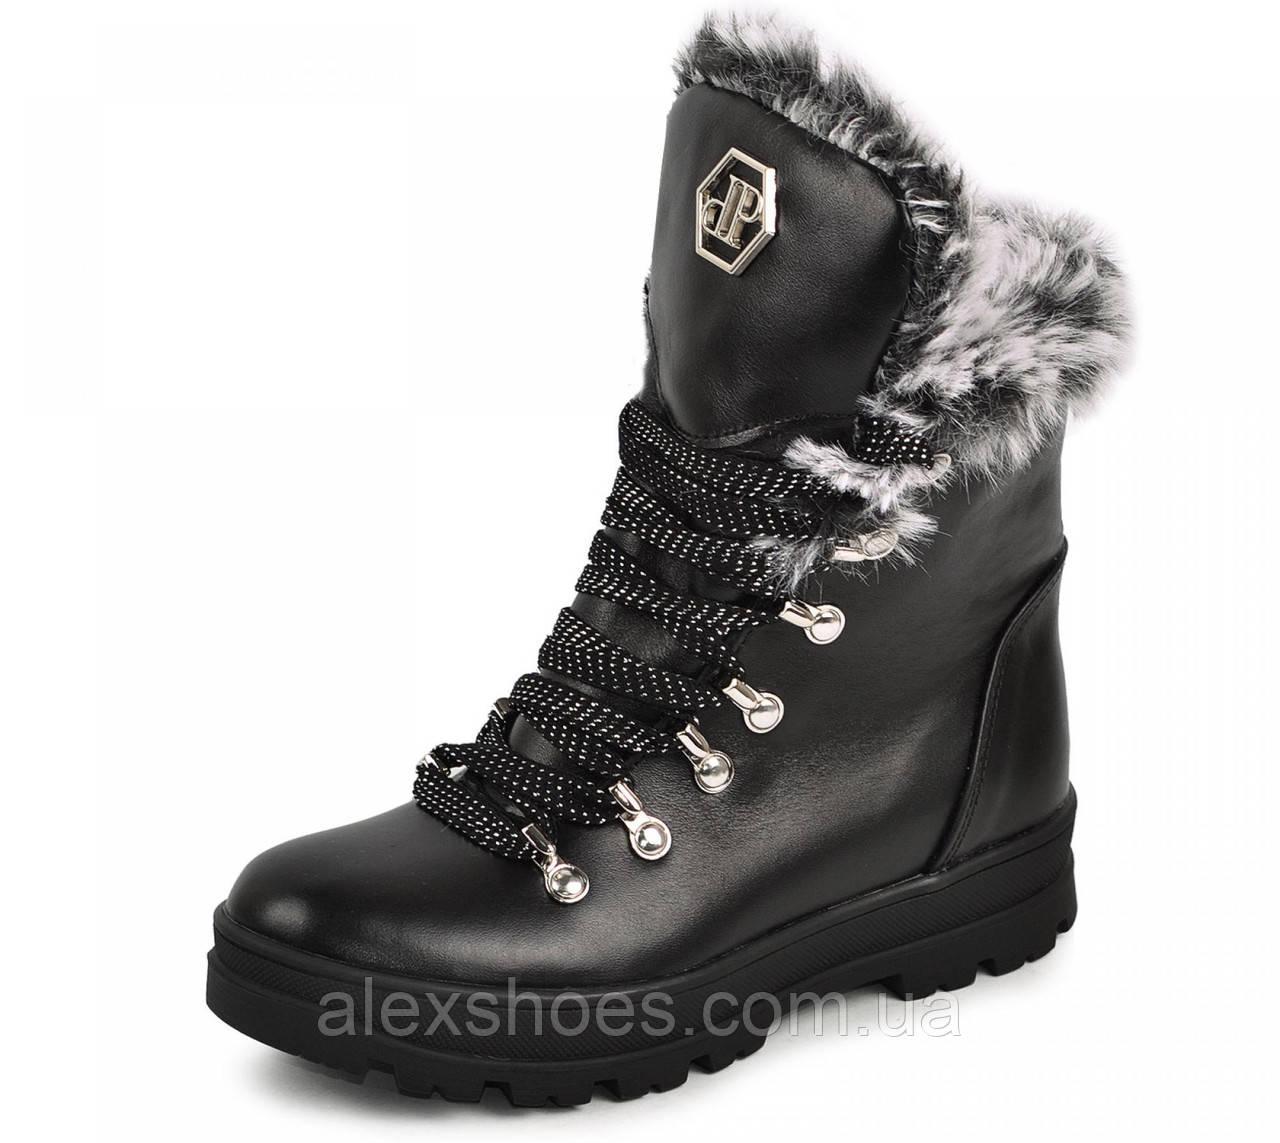 Ботинки подростковые для девочки из натуральной кожи от производителя модель МАК1580